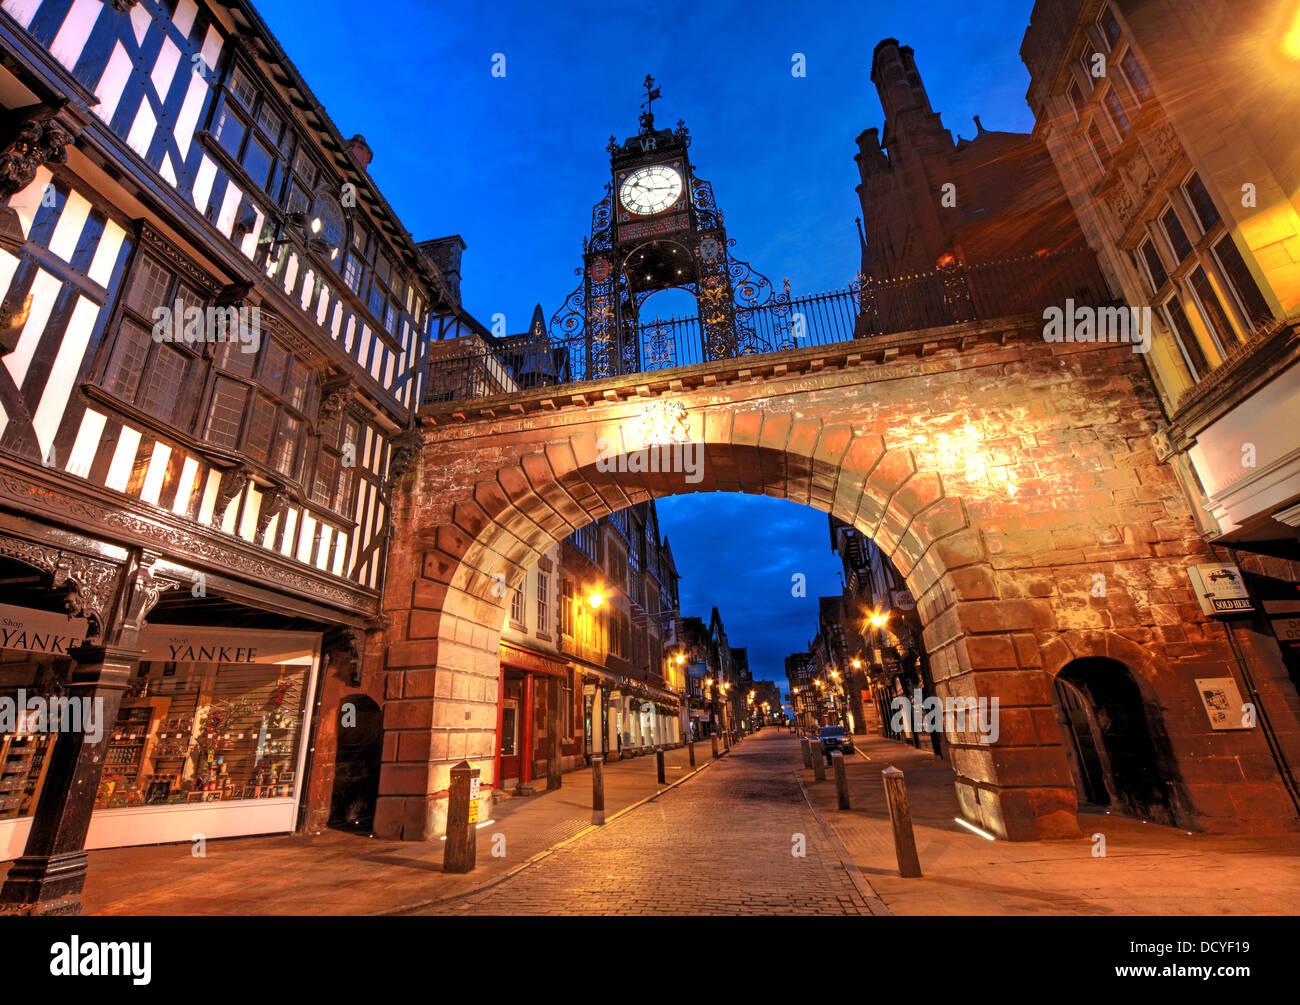 Laden Sie dieses Alamy Stockfoto in der Stadt Chester, NW England UK genommen in der Abenddämmerung - DCYF19